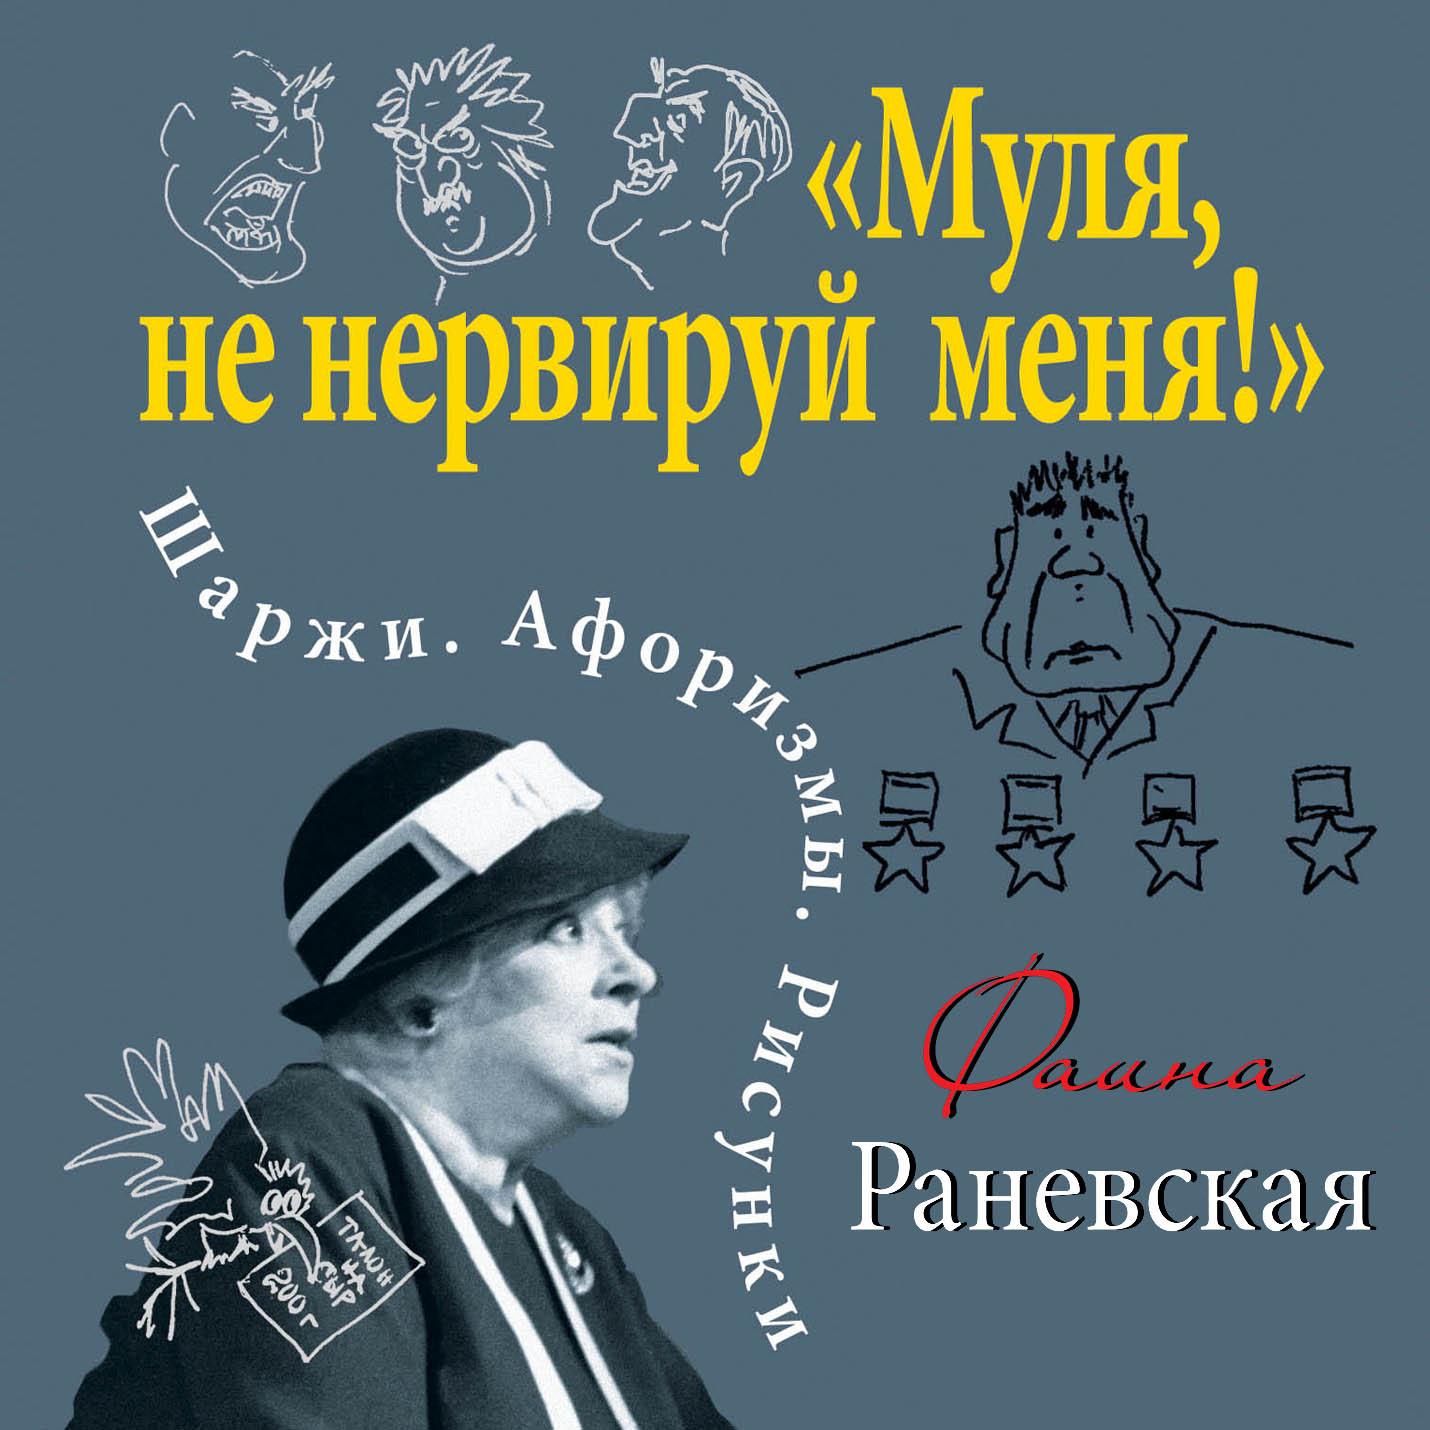 Купить книгу «Муля, не нервируй меня!» Шаржи. Афоризмы. Рисунки, автора Фаины Раневской